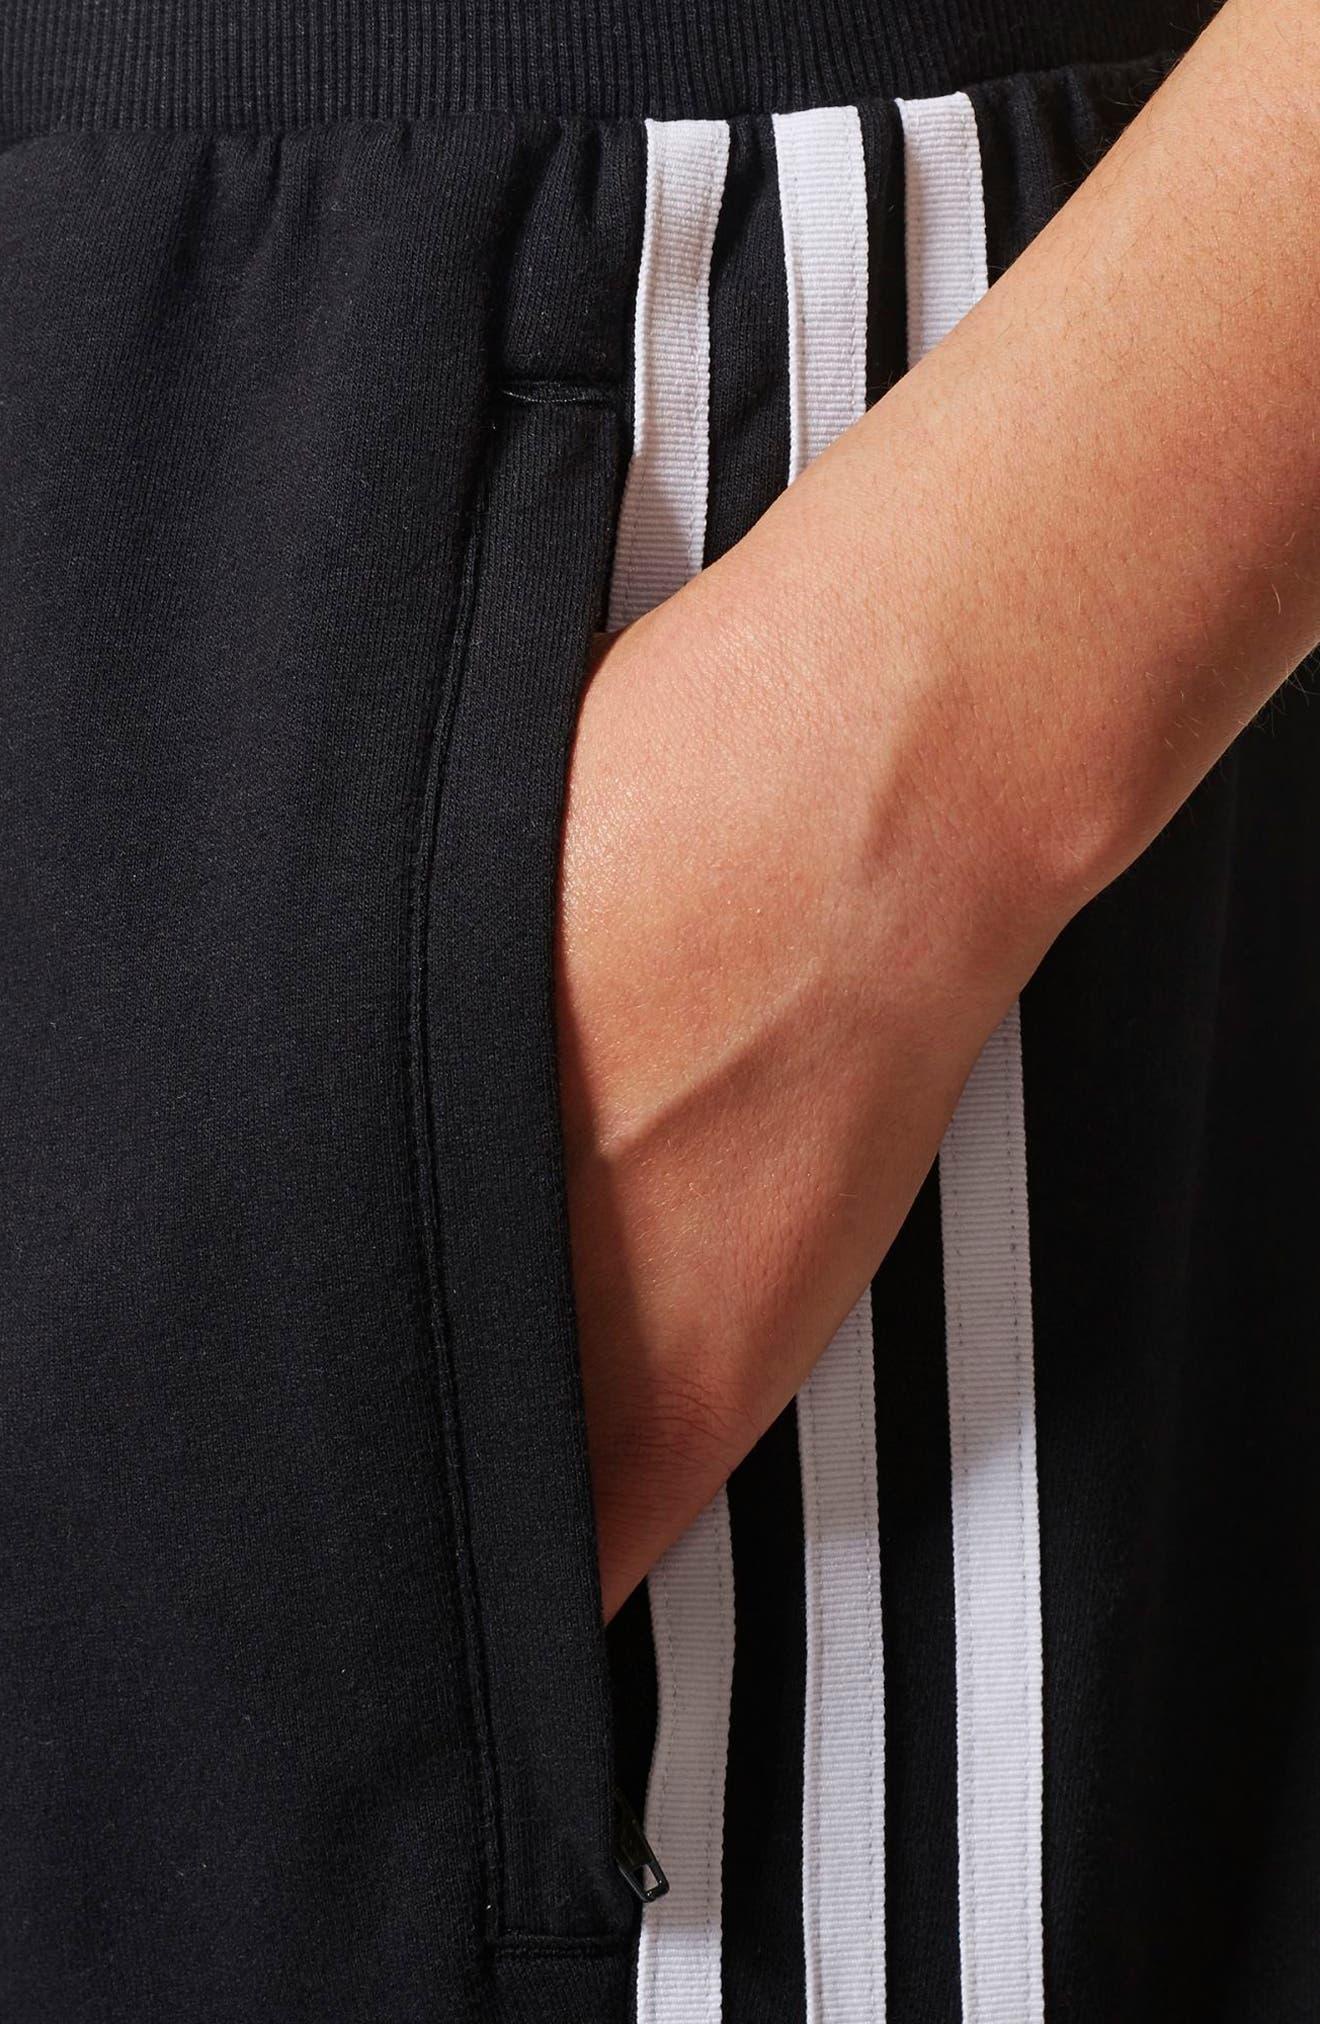 3-Stripes Tapered Pants,                             Alternate thumbnail 6, color,                             Black